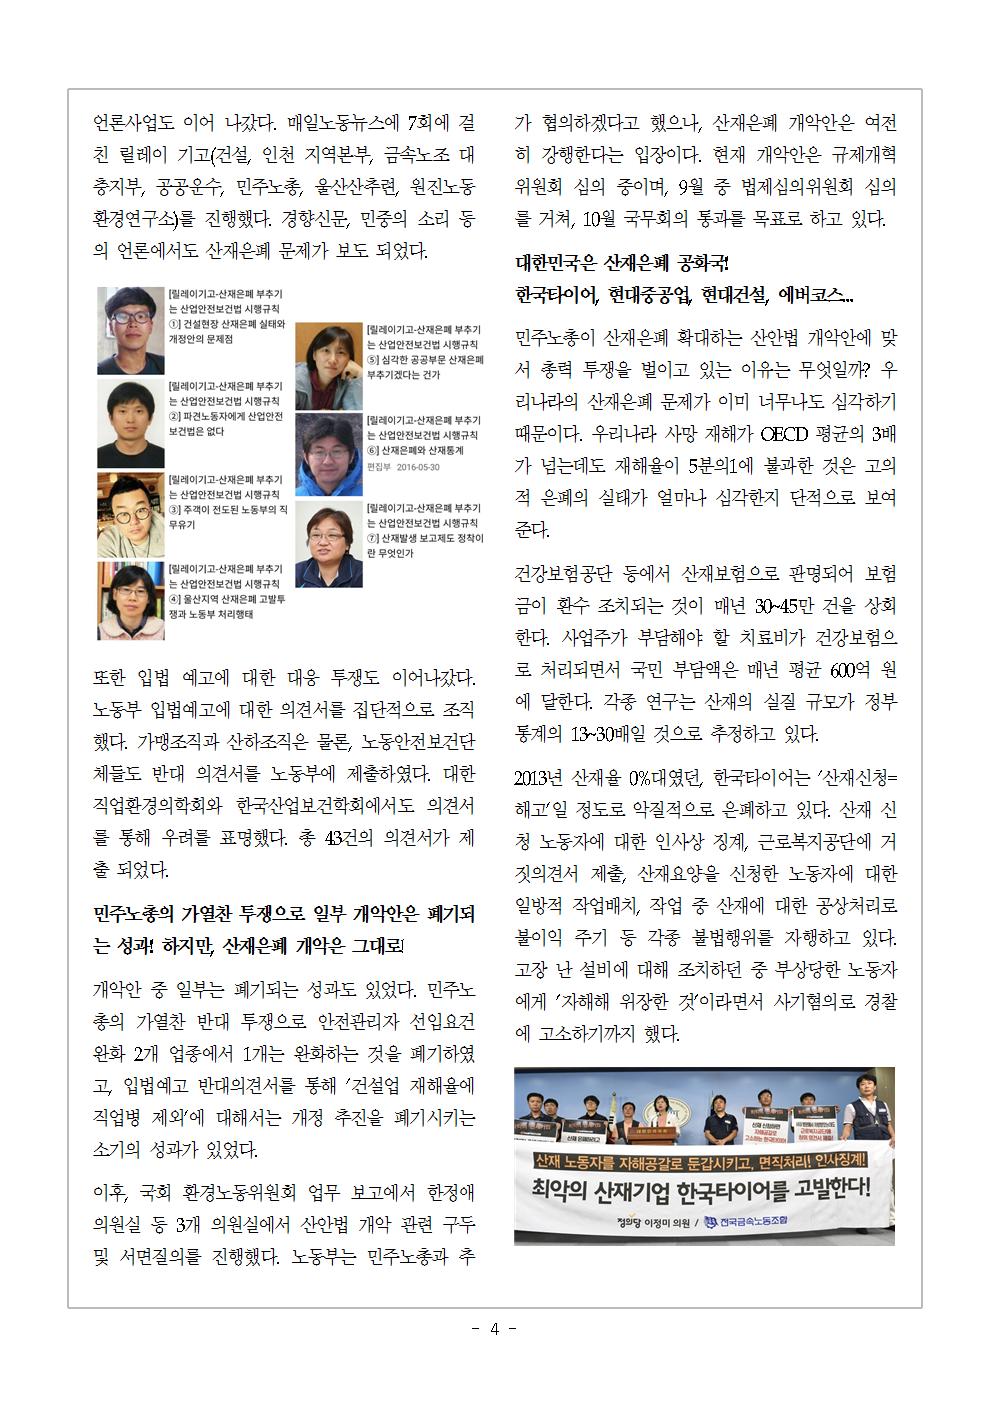 [2016교육지-7] 산재은폐_산안법개악저지_농성투쟁004.png